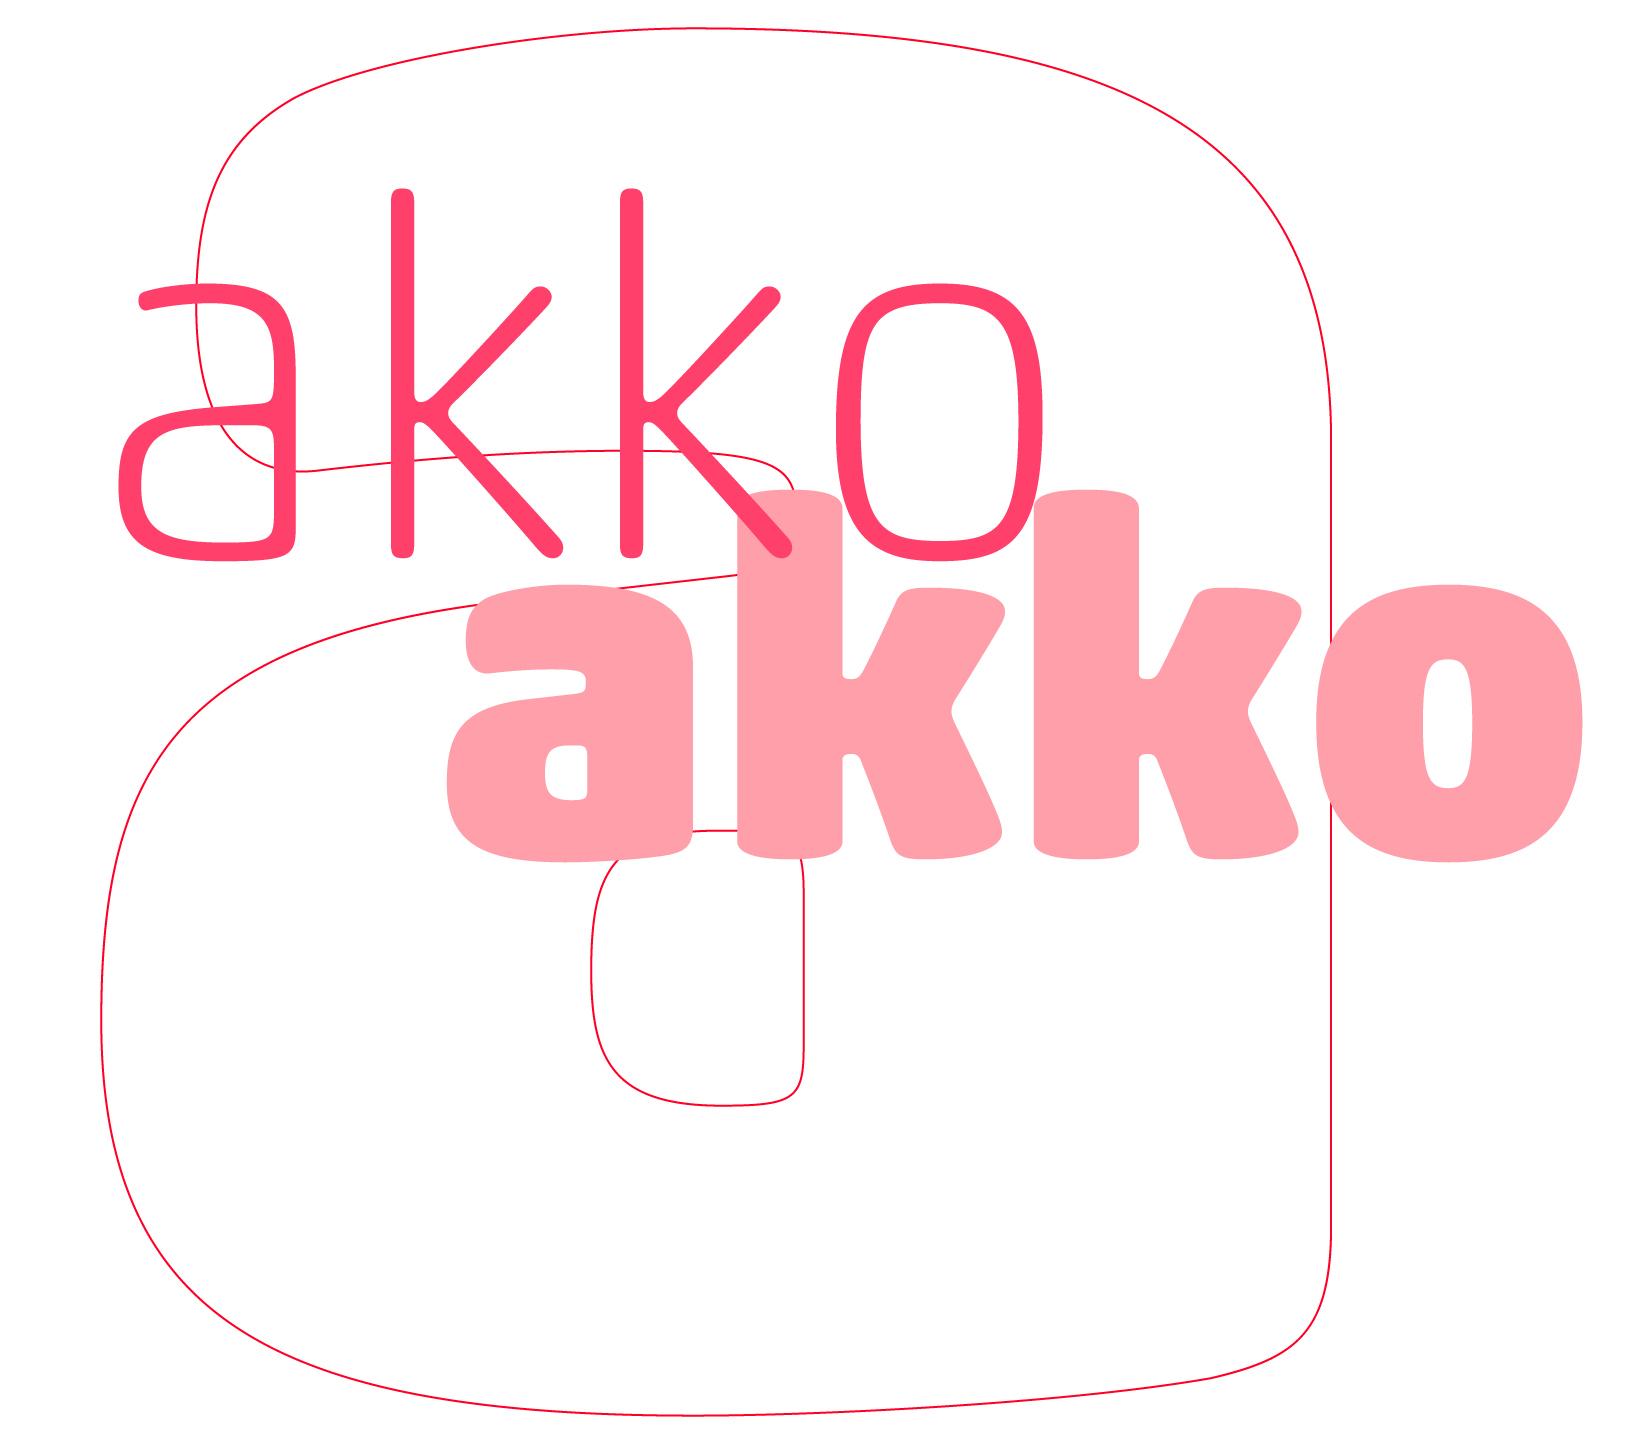 新フォント Akko デビュー!_e0175918_20372975.jpg